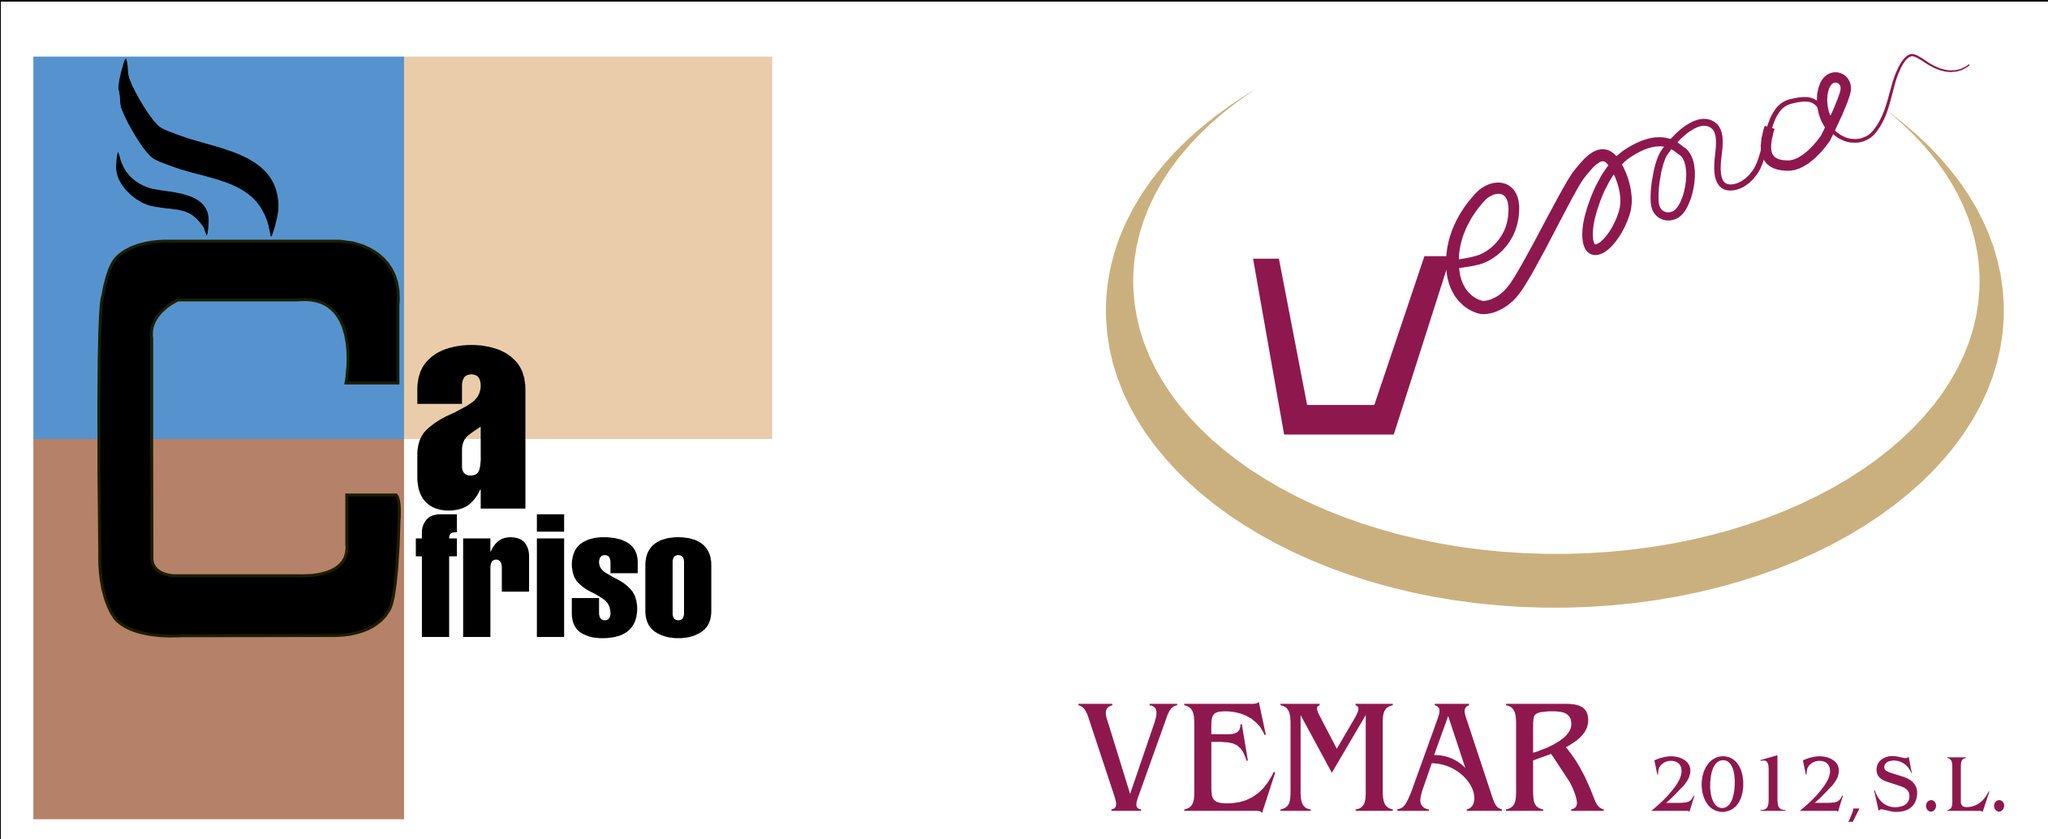 logo Cafriso7 S.L Vemar 2012 S.L